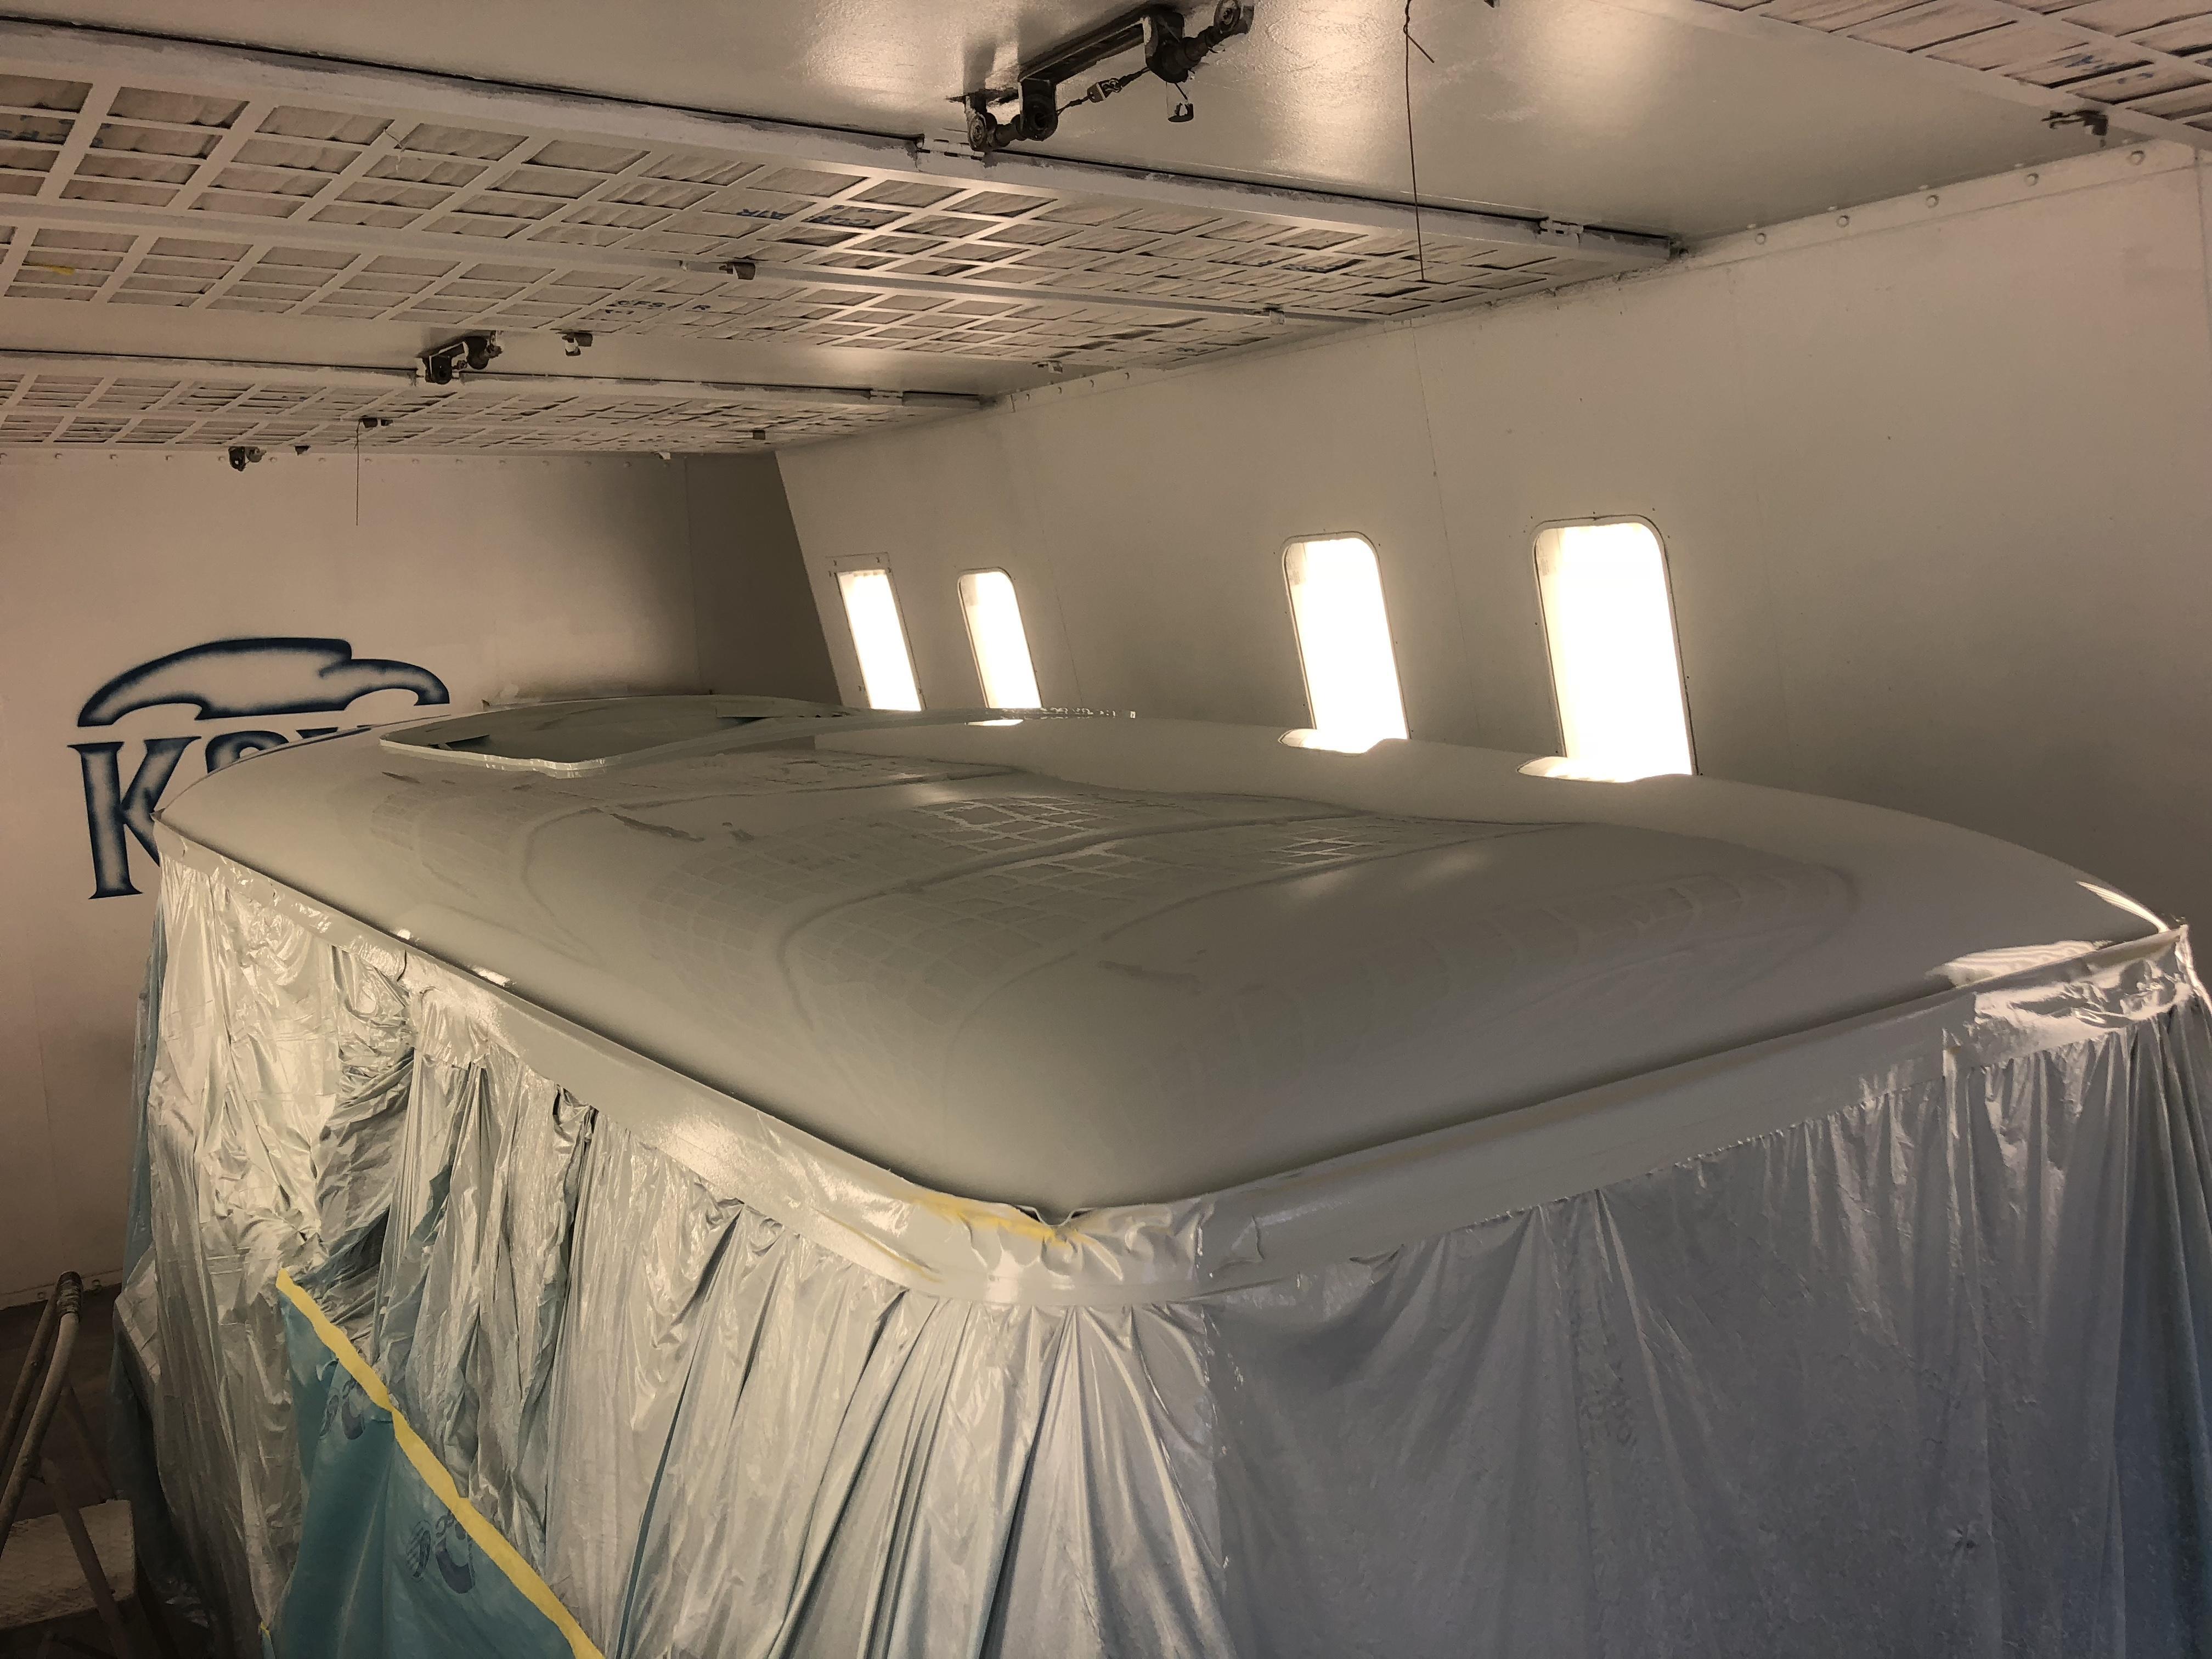 E170BA9F-D605-4F70-A5F1-077D9FDCCA3F